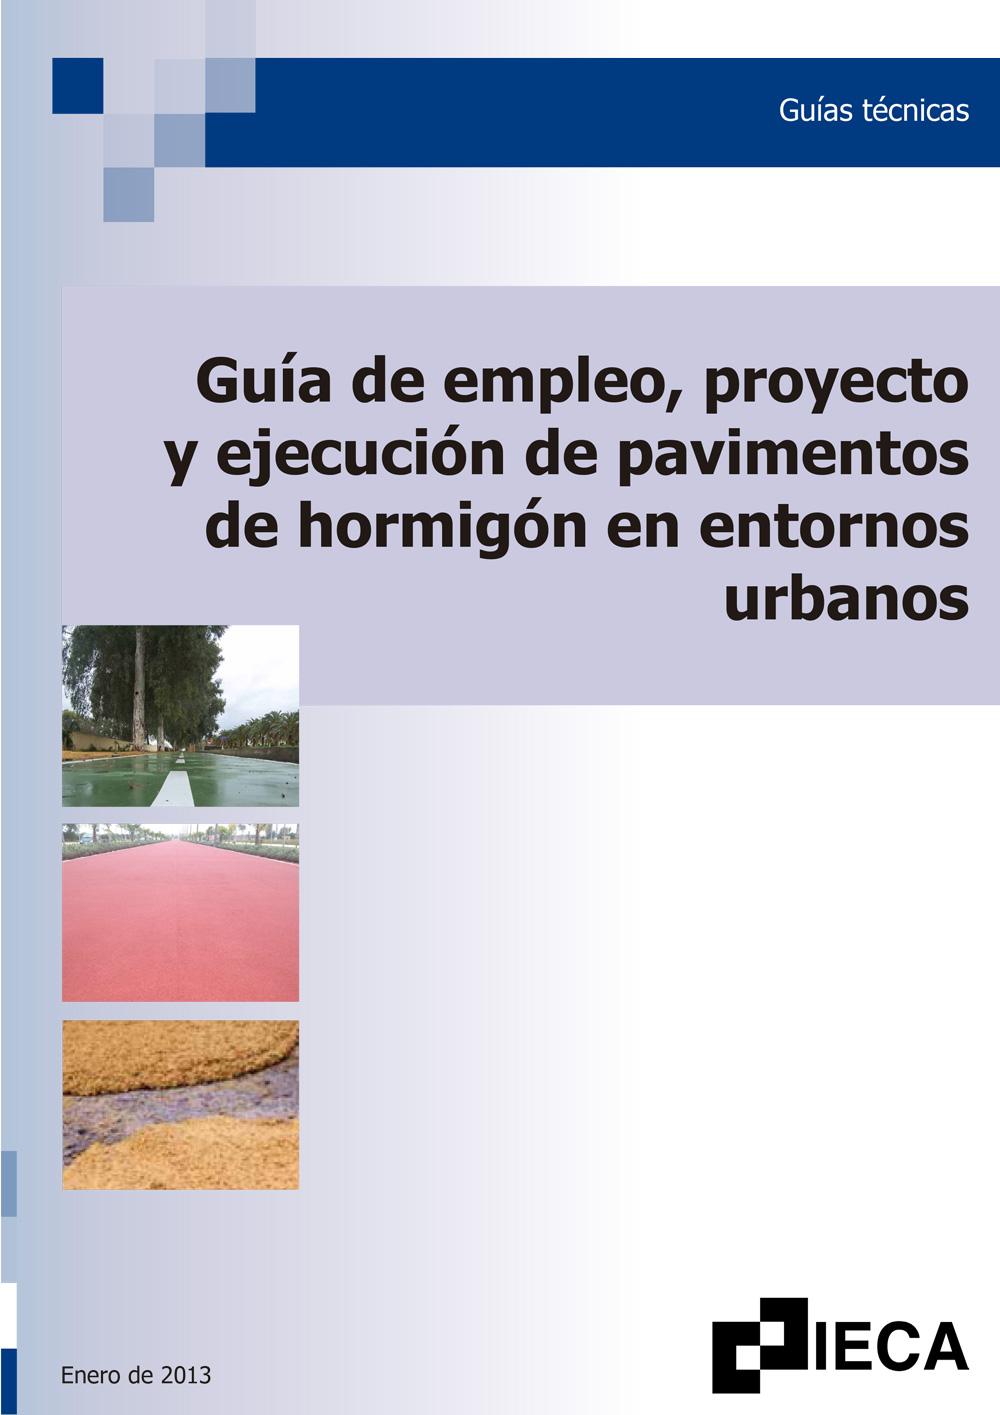 Guía de empleo, proyecto y ejecución de pavimentos de hormigón en entornos urbanos